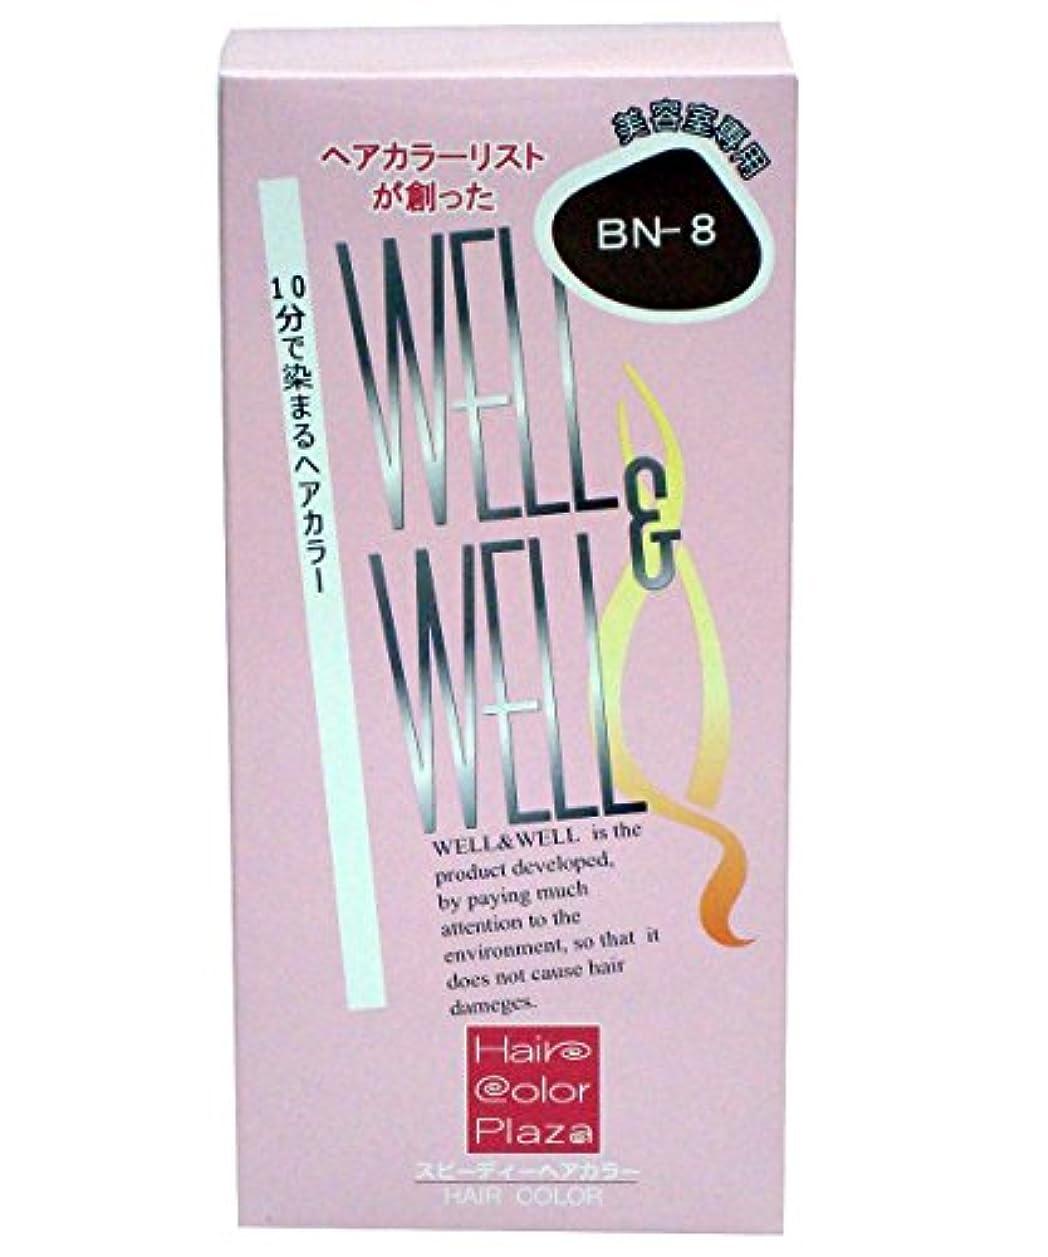 乳白色アシスト香水【美容室専用】 ウェル&ウェル スピーディヘアカラー ナチュラルブラウン BN-8